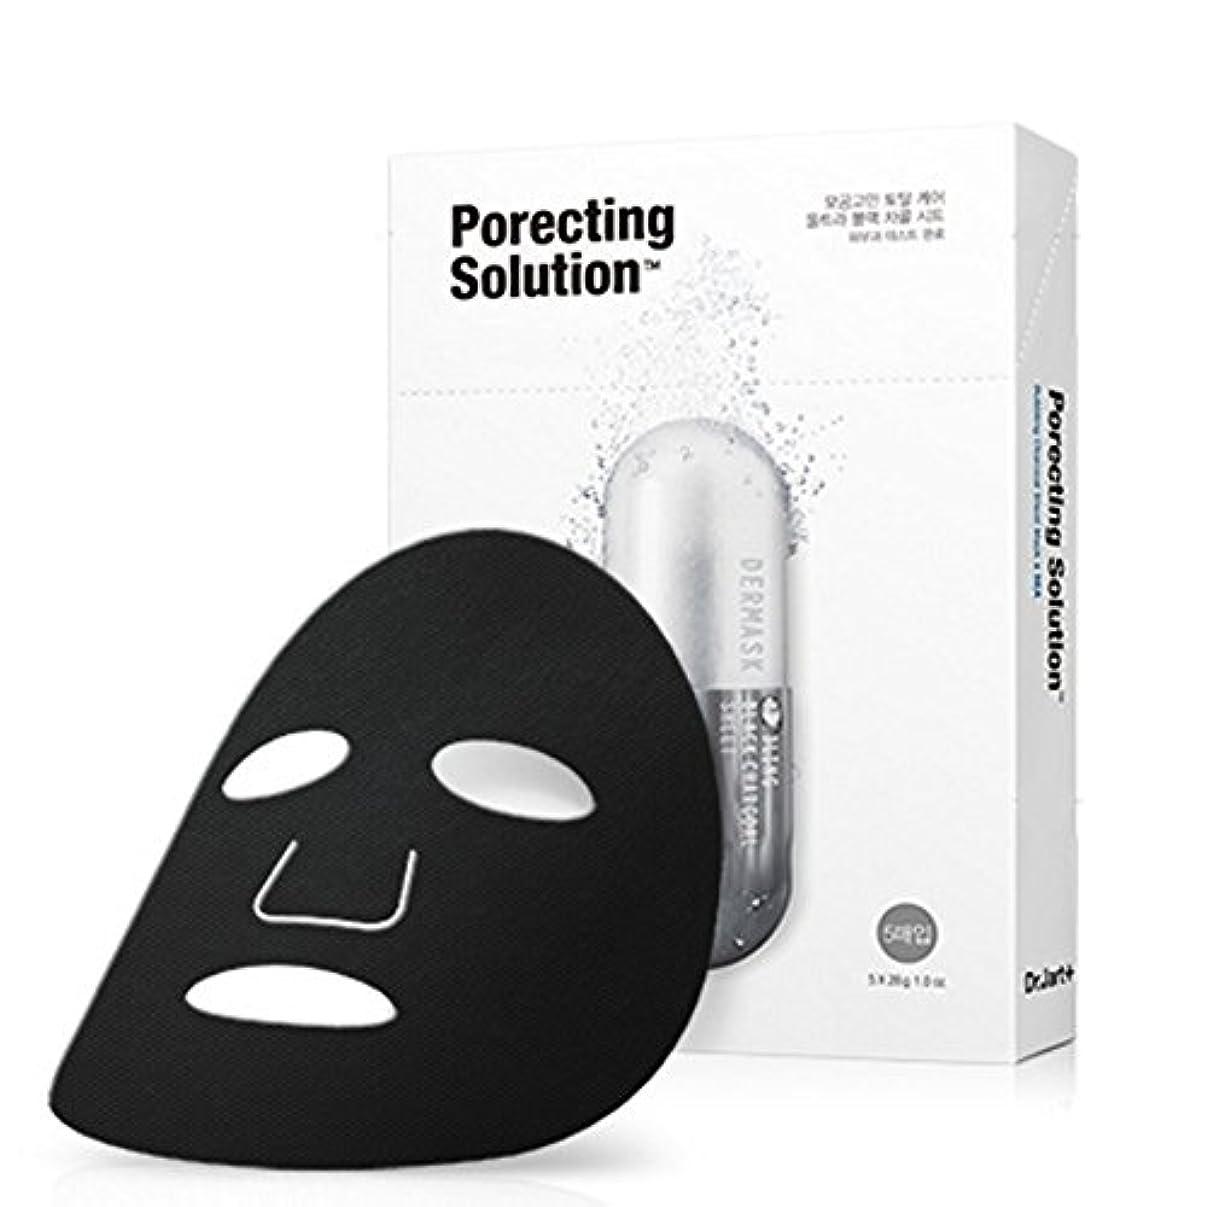 寺院ソビエト水を飲むDr. Jart 5枚の炭マスクをバブリングdermask超ジェットporecting溶液のシート(最小化し、毛穴を浄化) [並行輸入品]